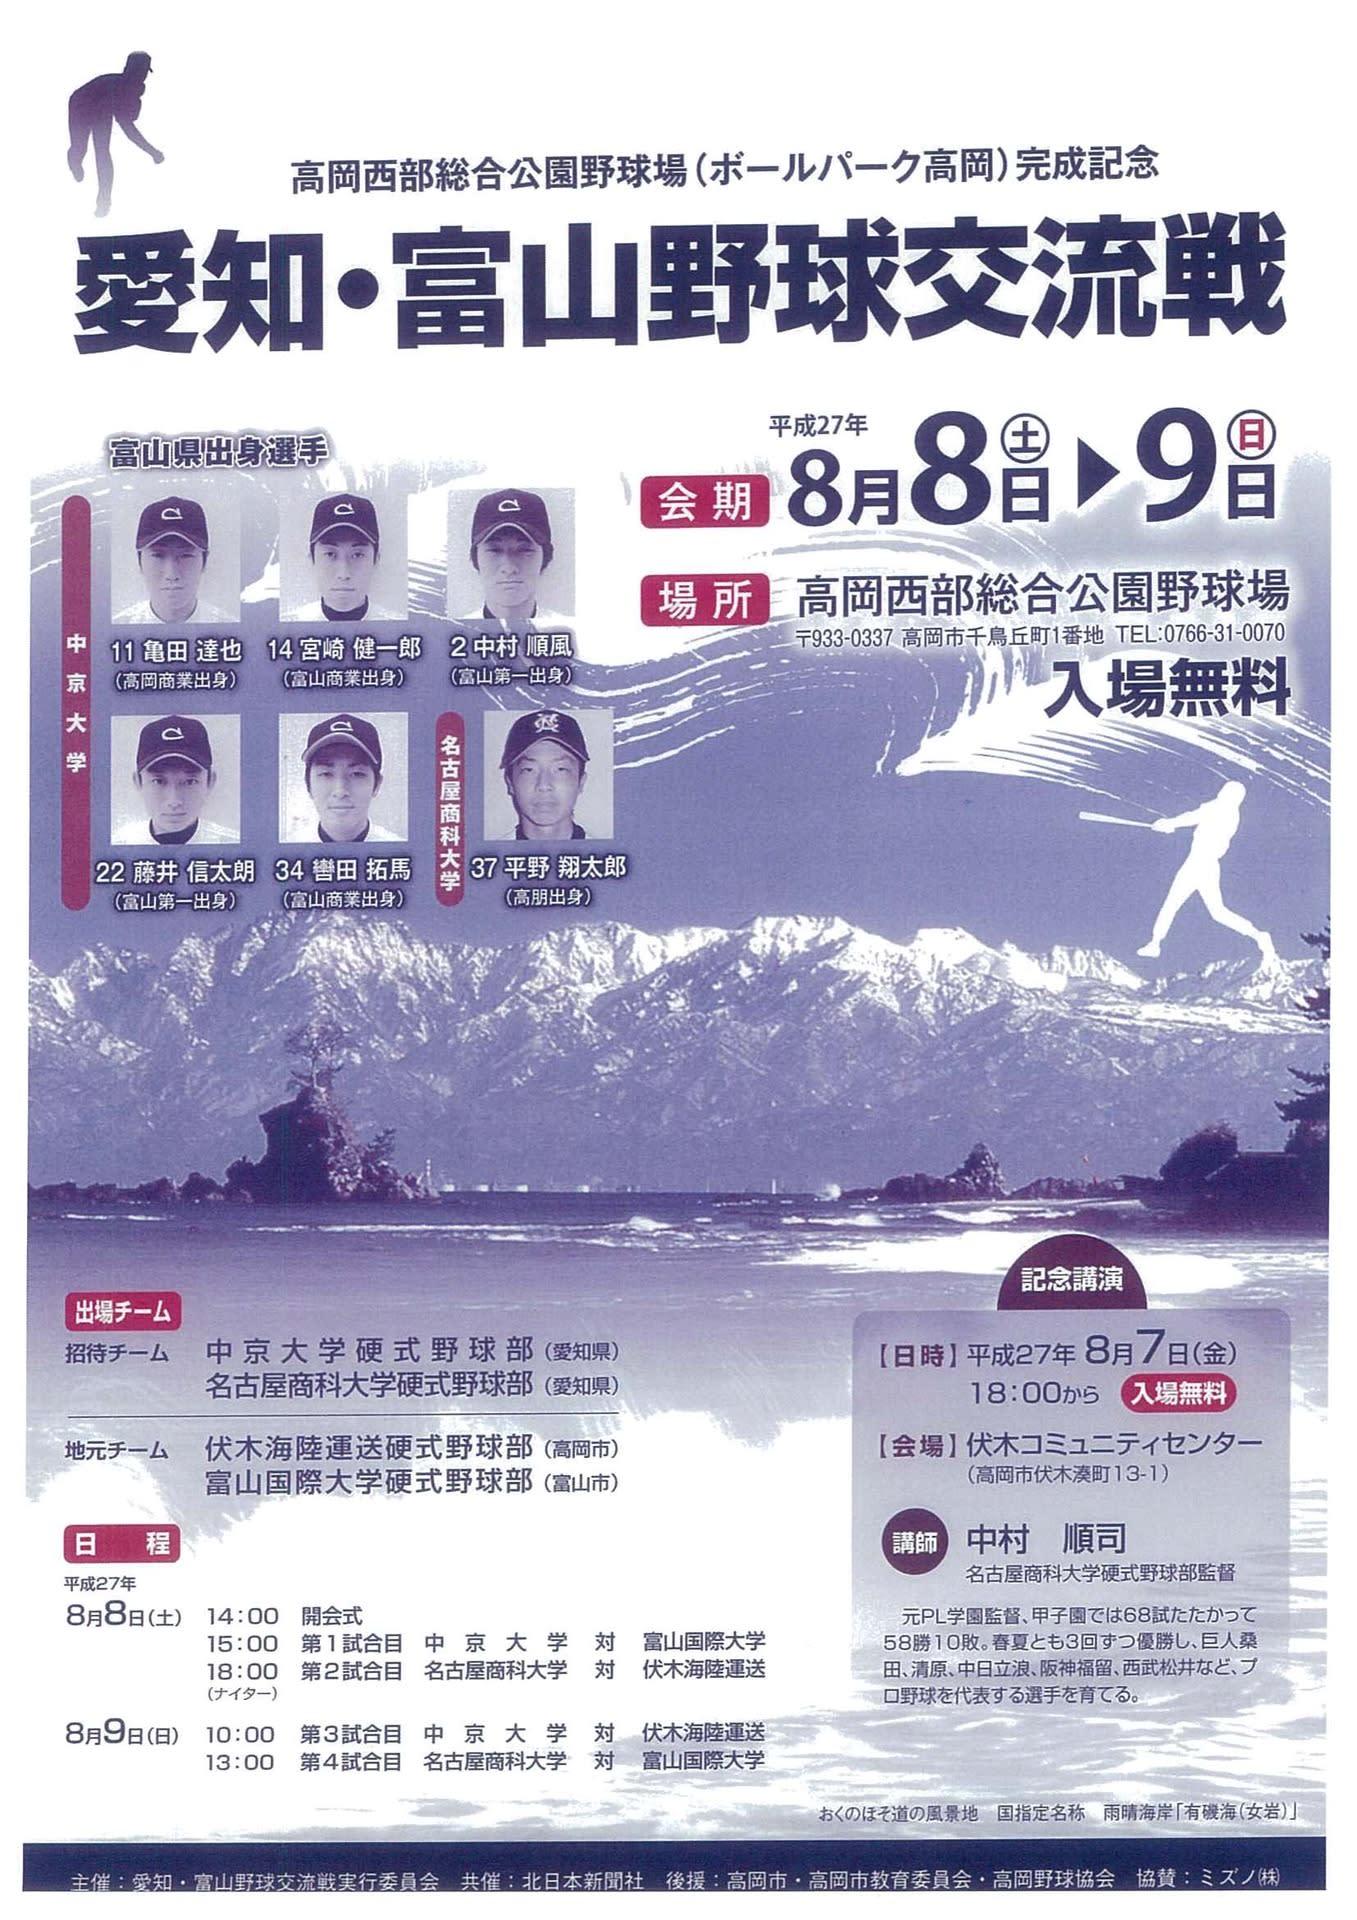 商科 掲示板 名古屋 大学